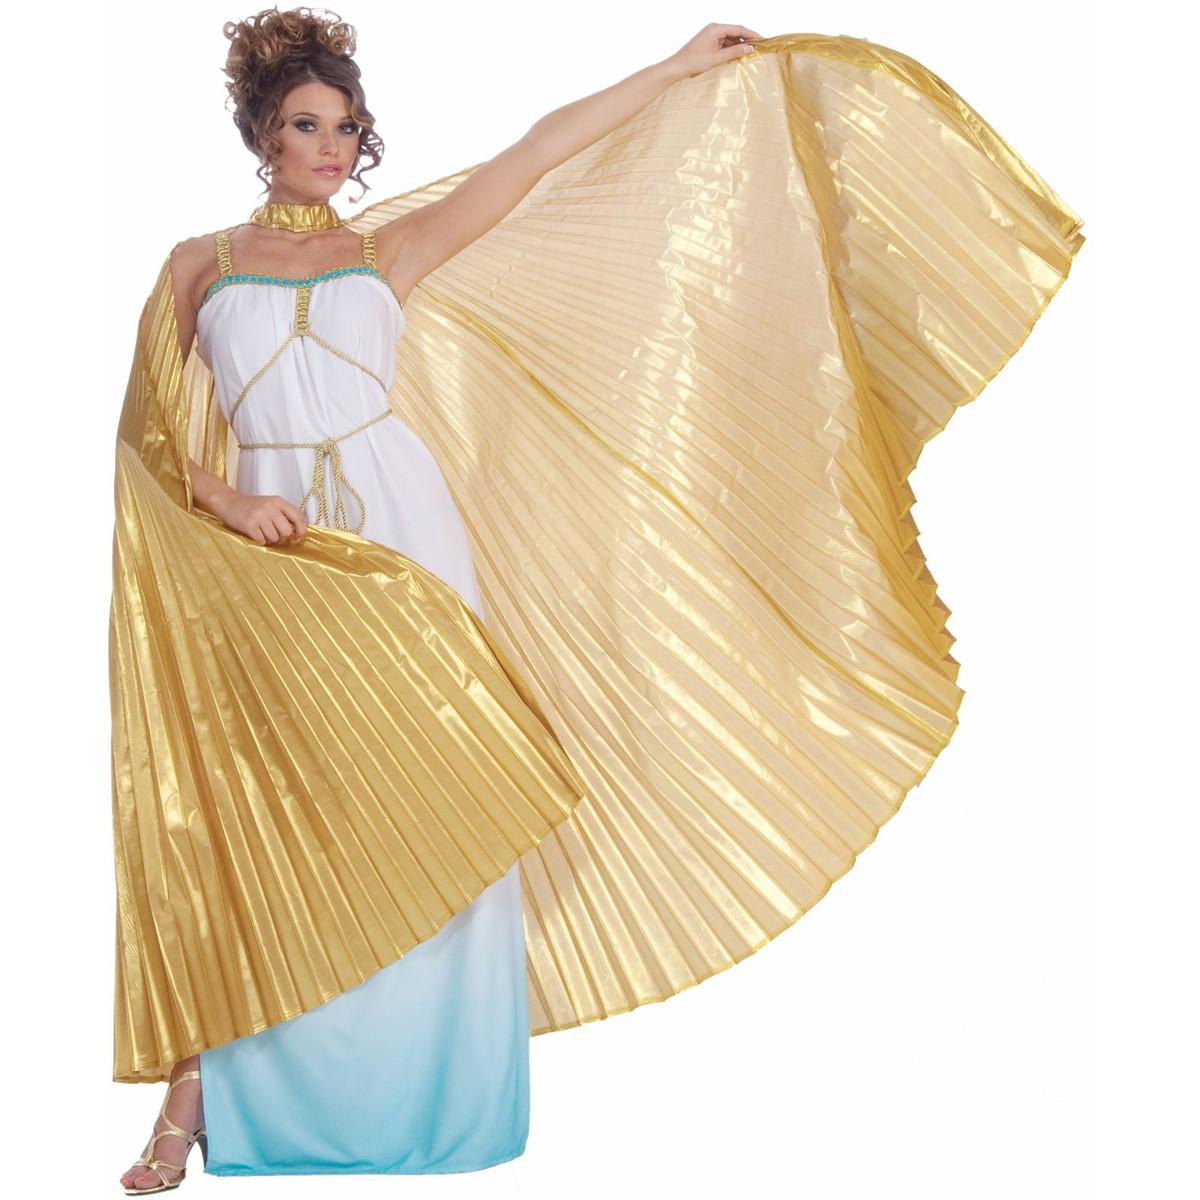 ローマ ギリシャ 女神 オリンピック ビーナス アテネ 女神 用 ゴールドマント ハロウィン コスチューム